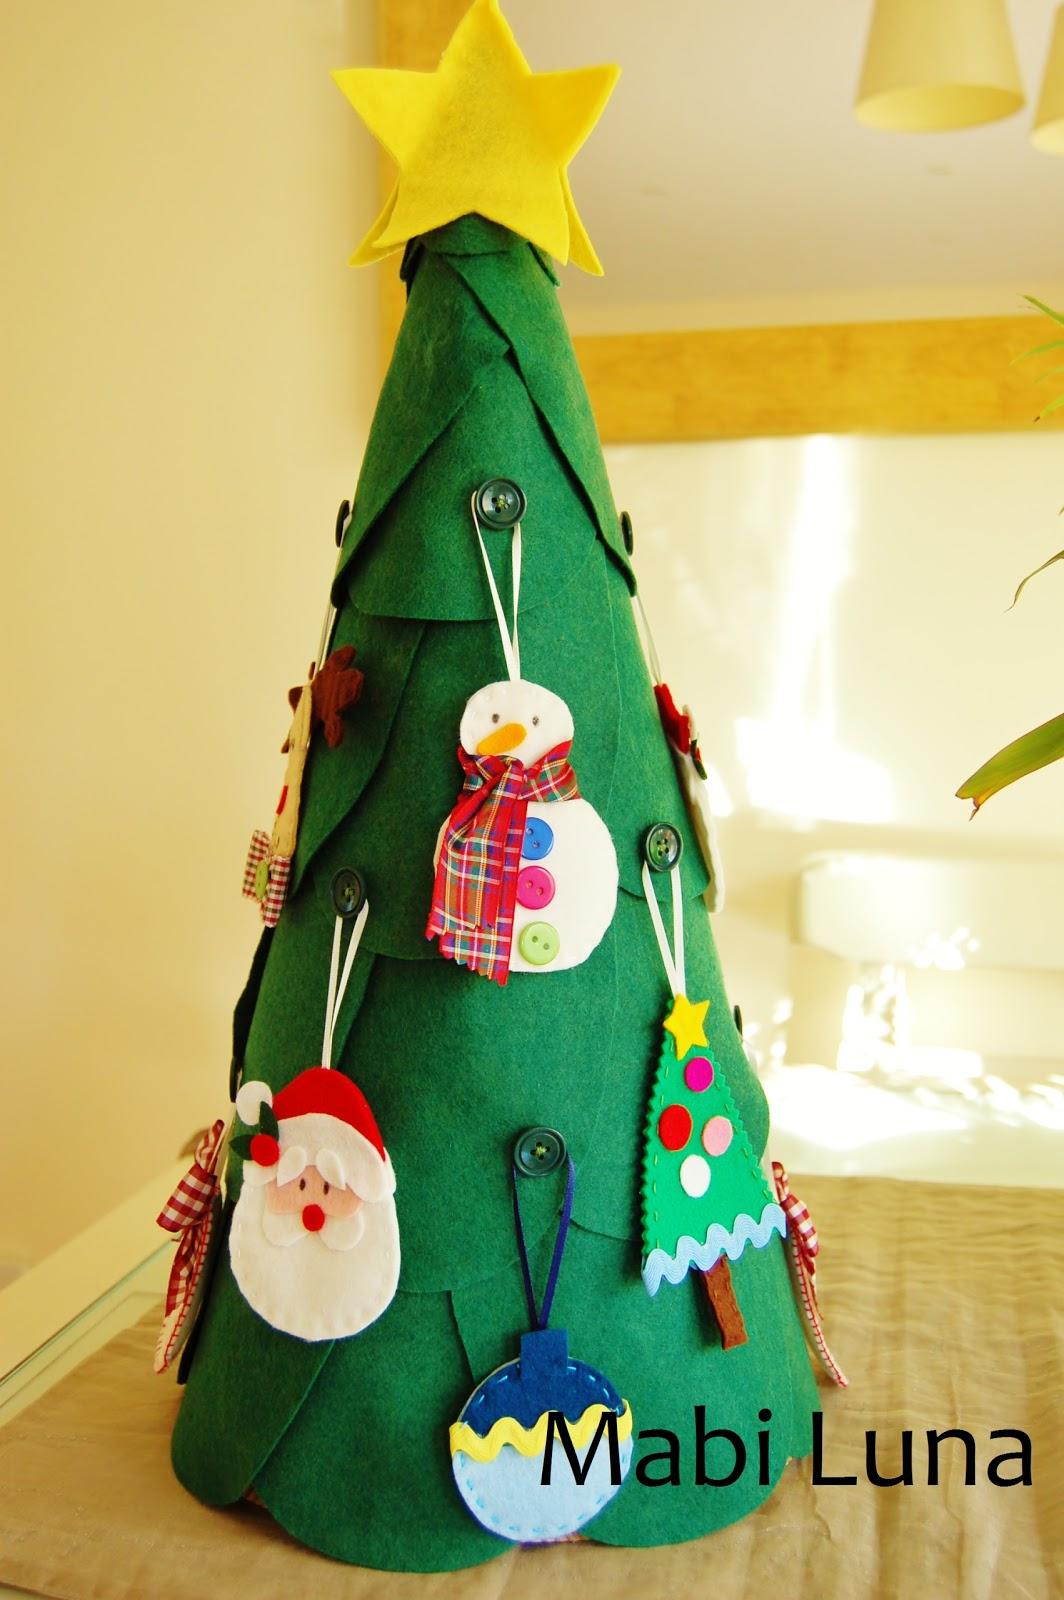 Mabi luna rbol de navidad de fieltro manualidades - Manualidades infantiles para navidad ...